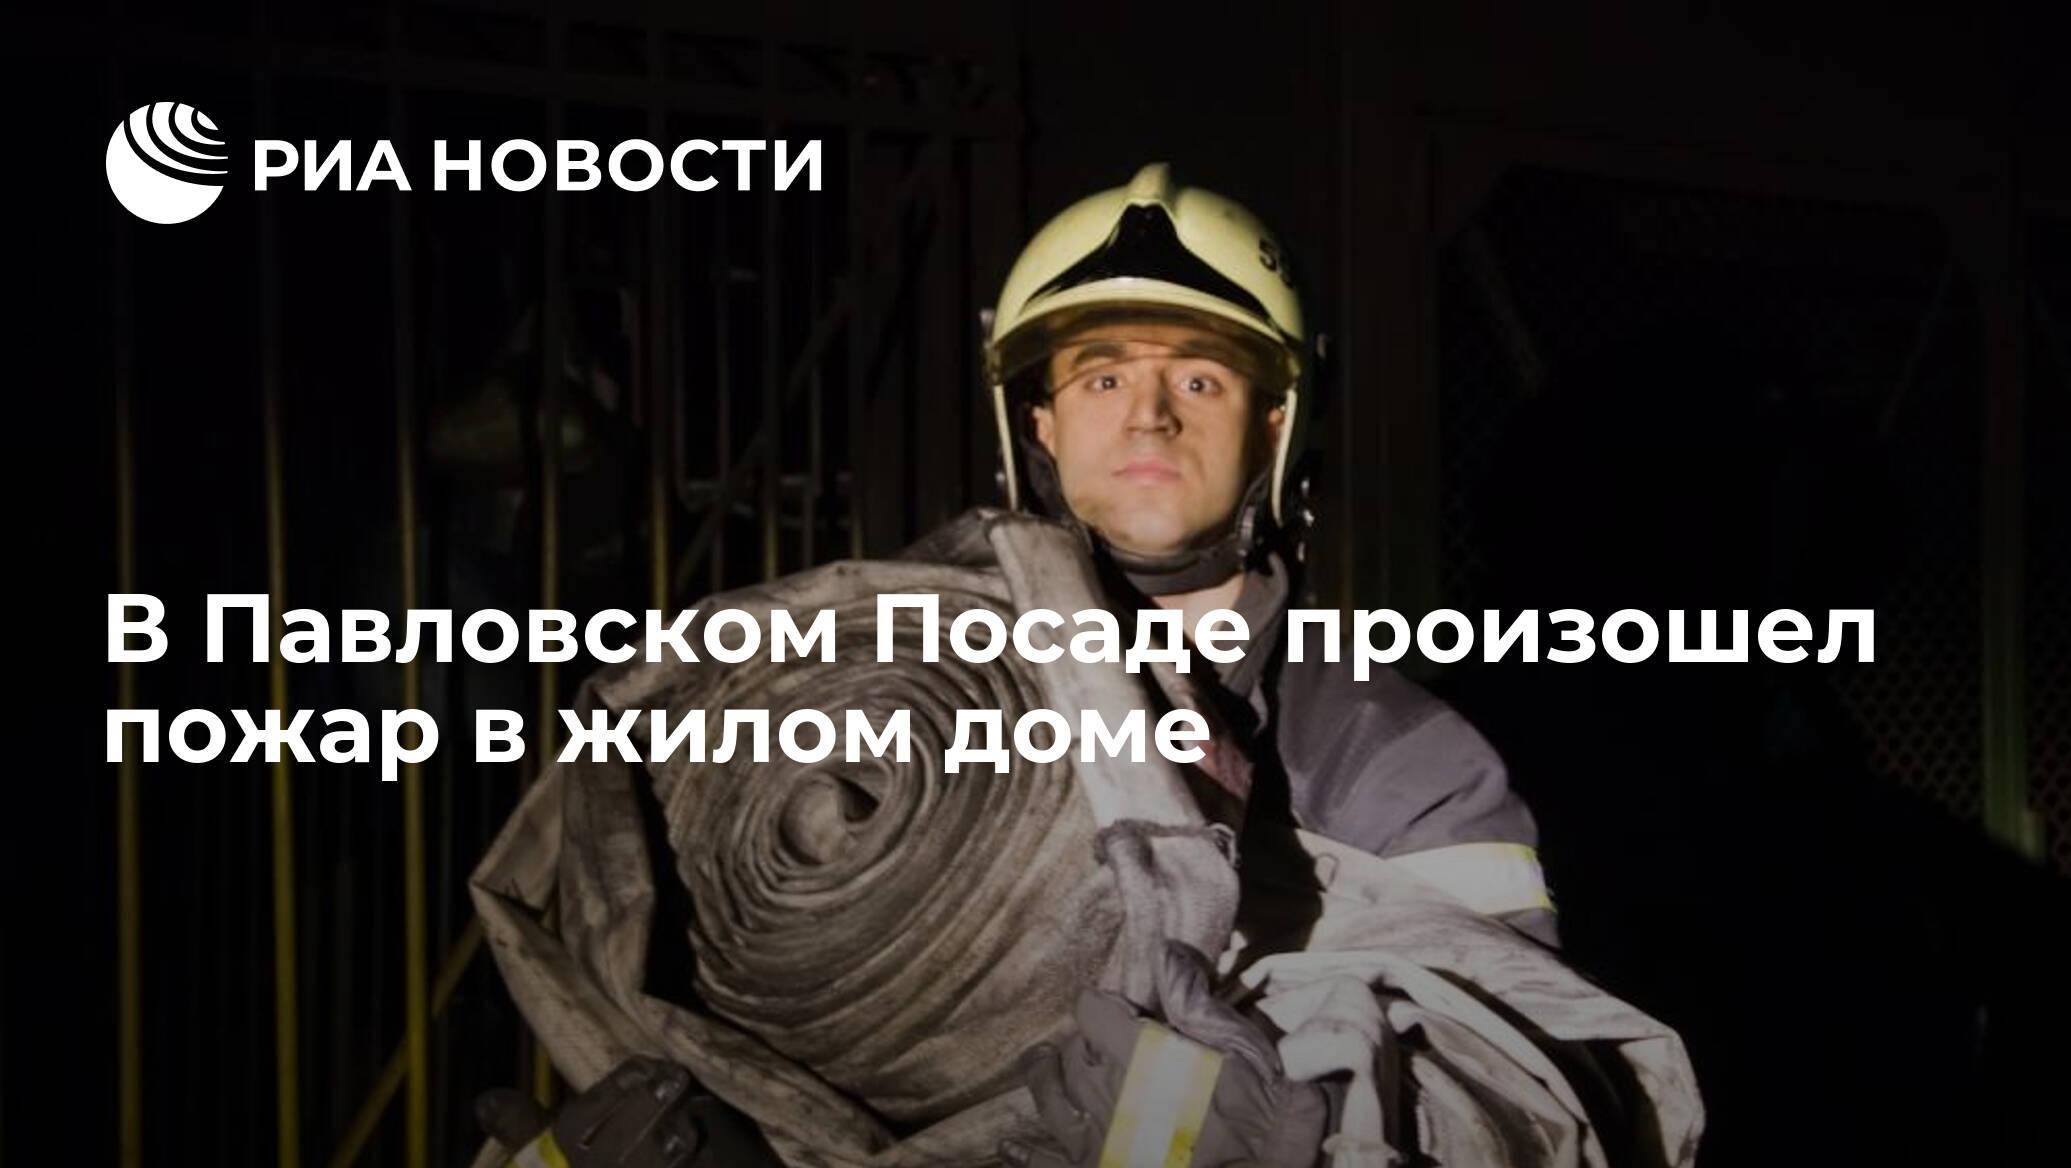 В Павловском Посаде произошел пожар в жилом доме